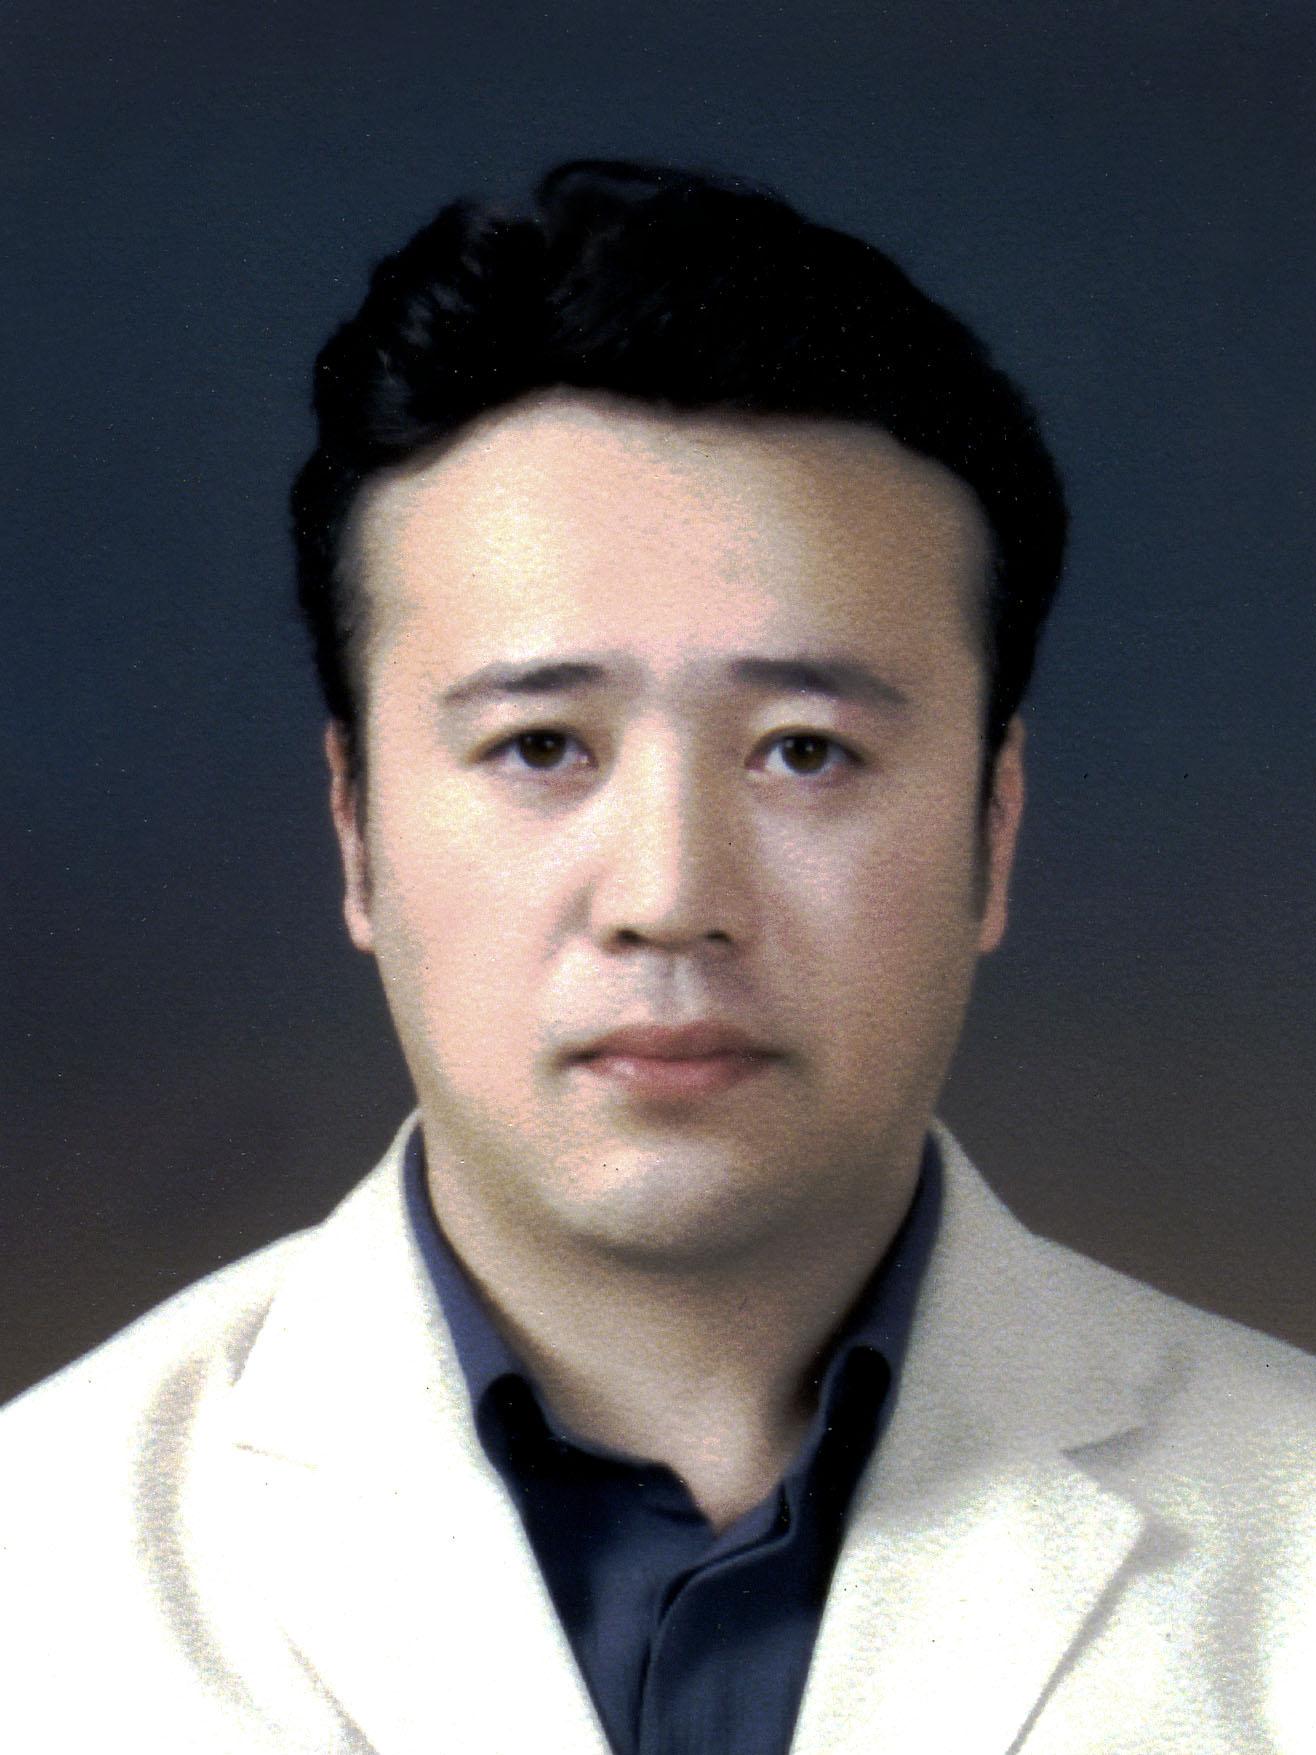 박영태 교수 증명사진